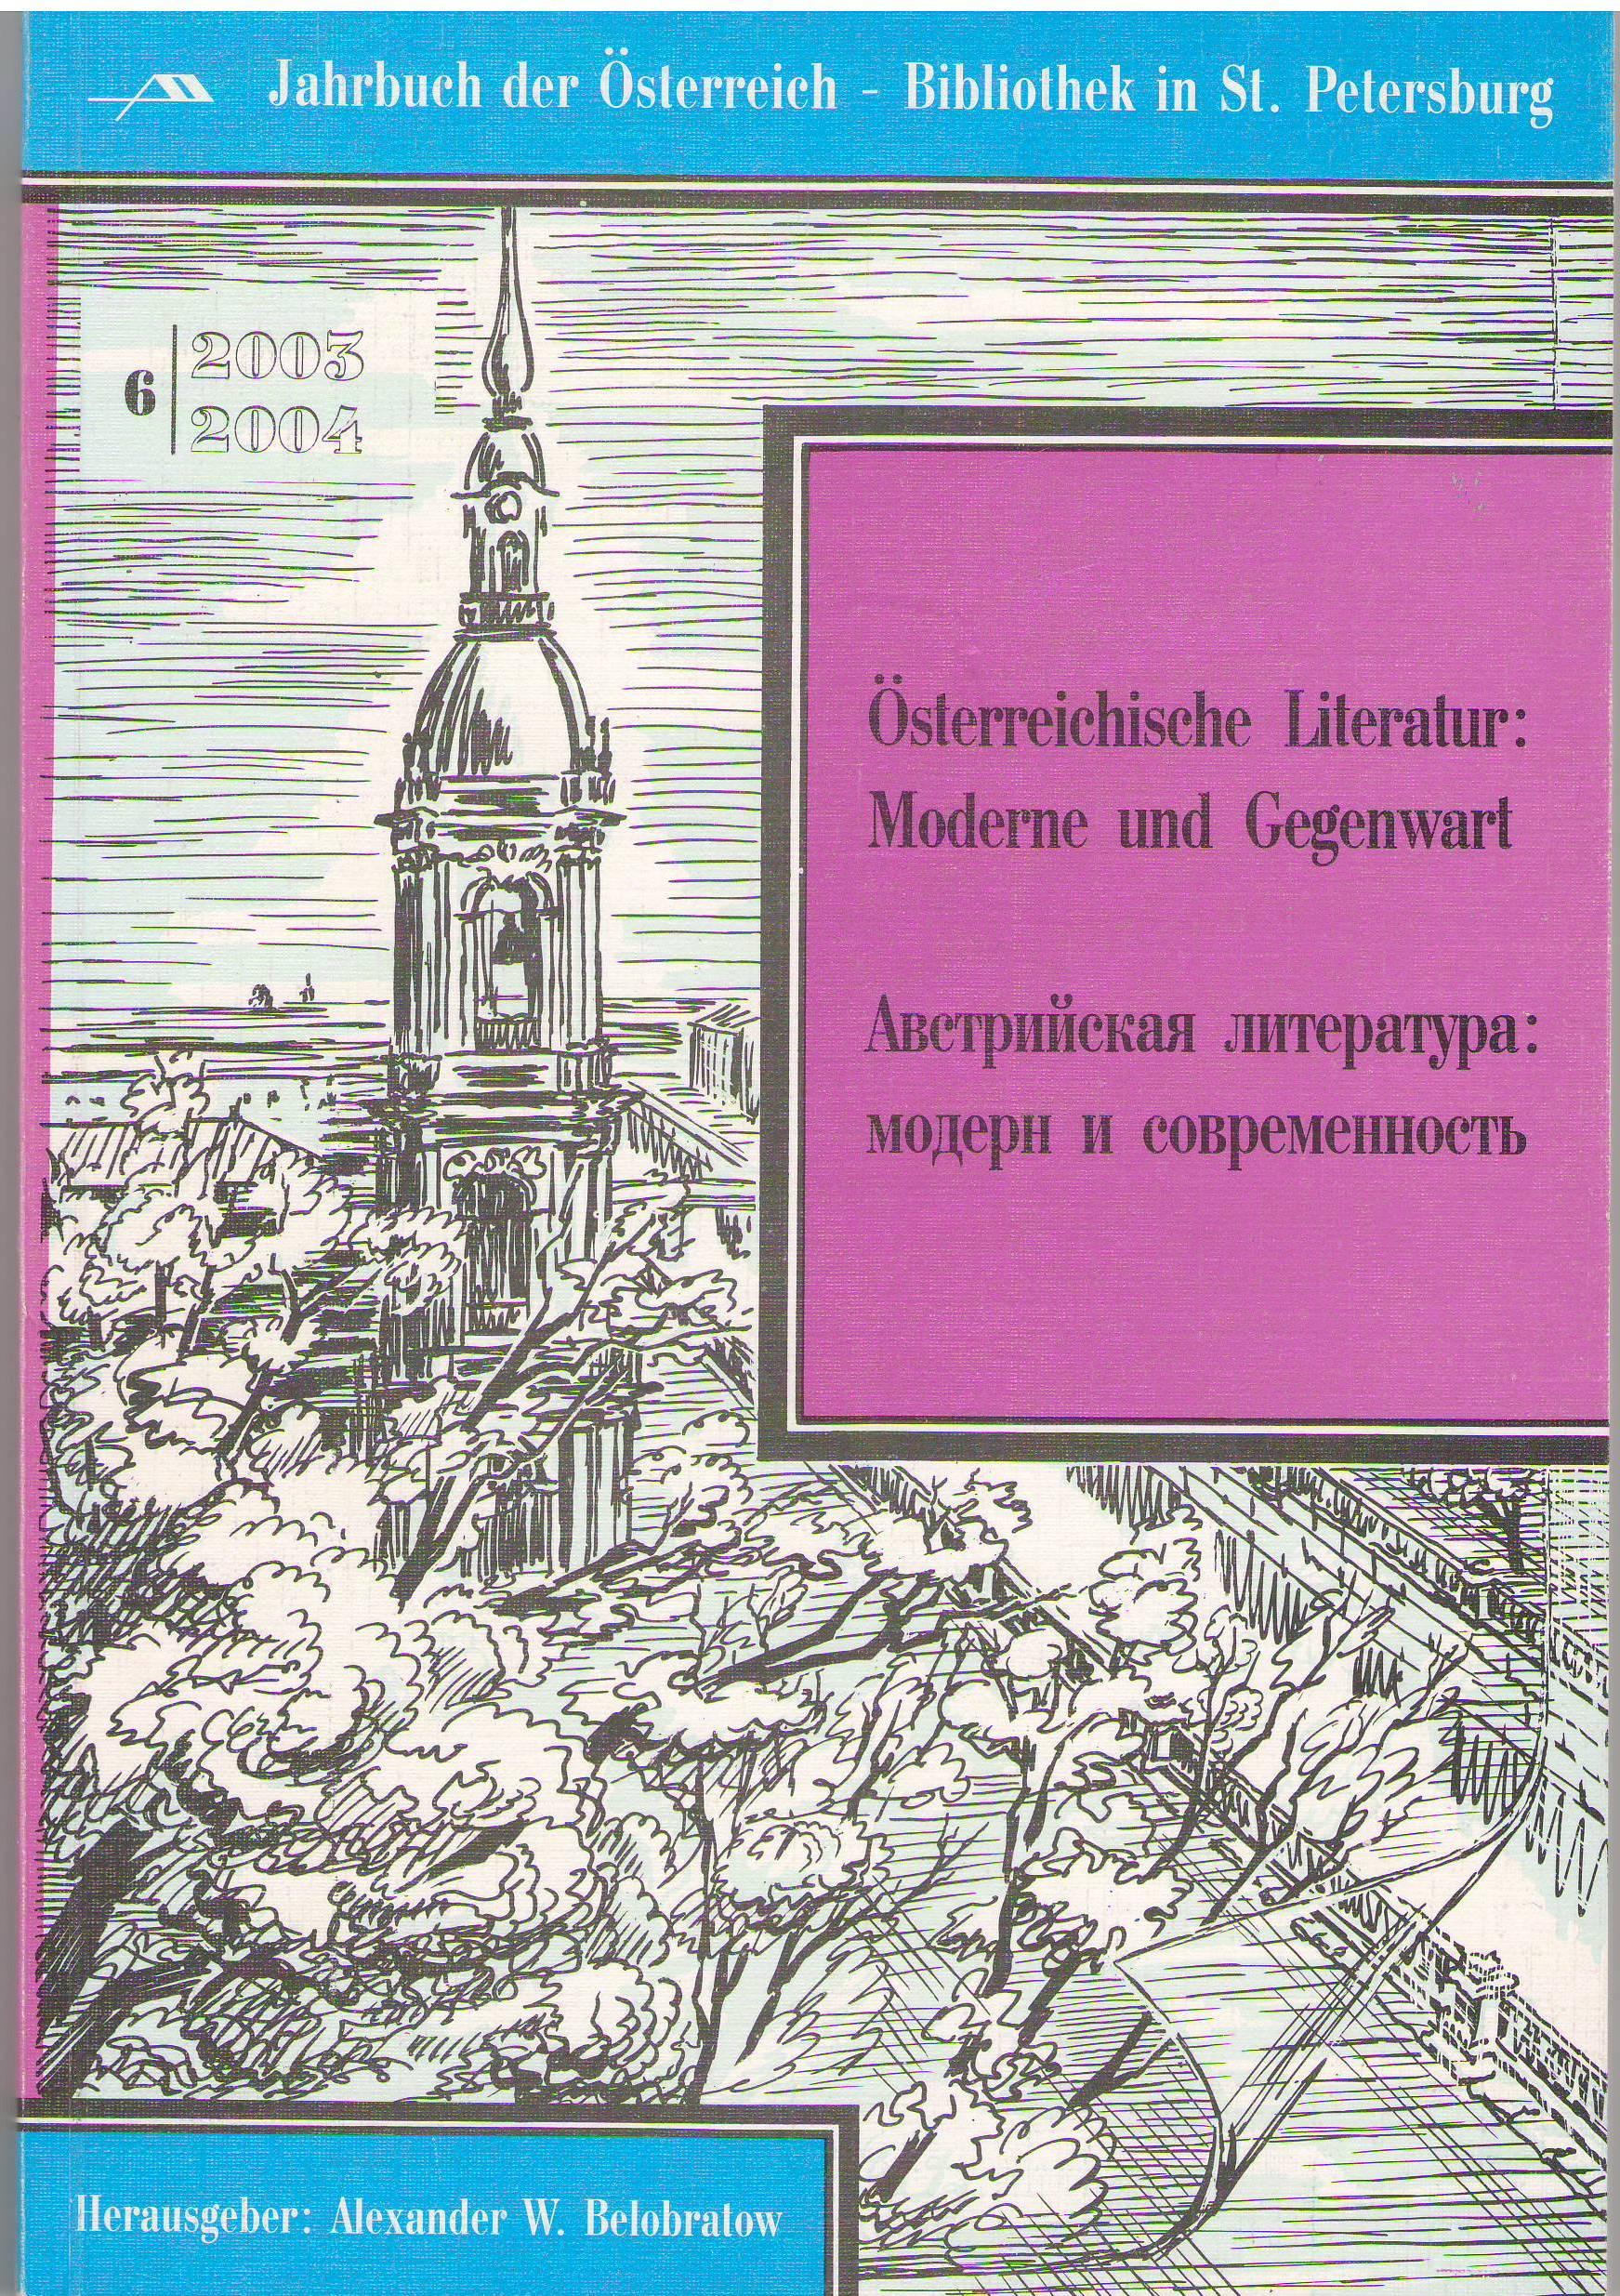 Jahrbuch der Oesterreich-Bibliothek